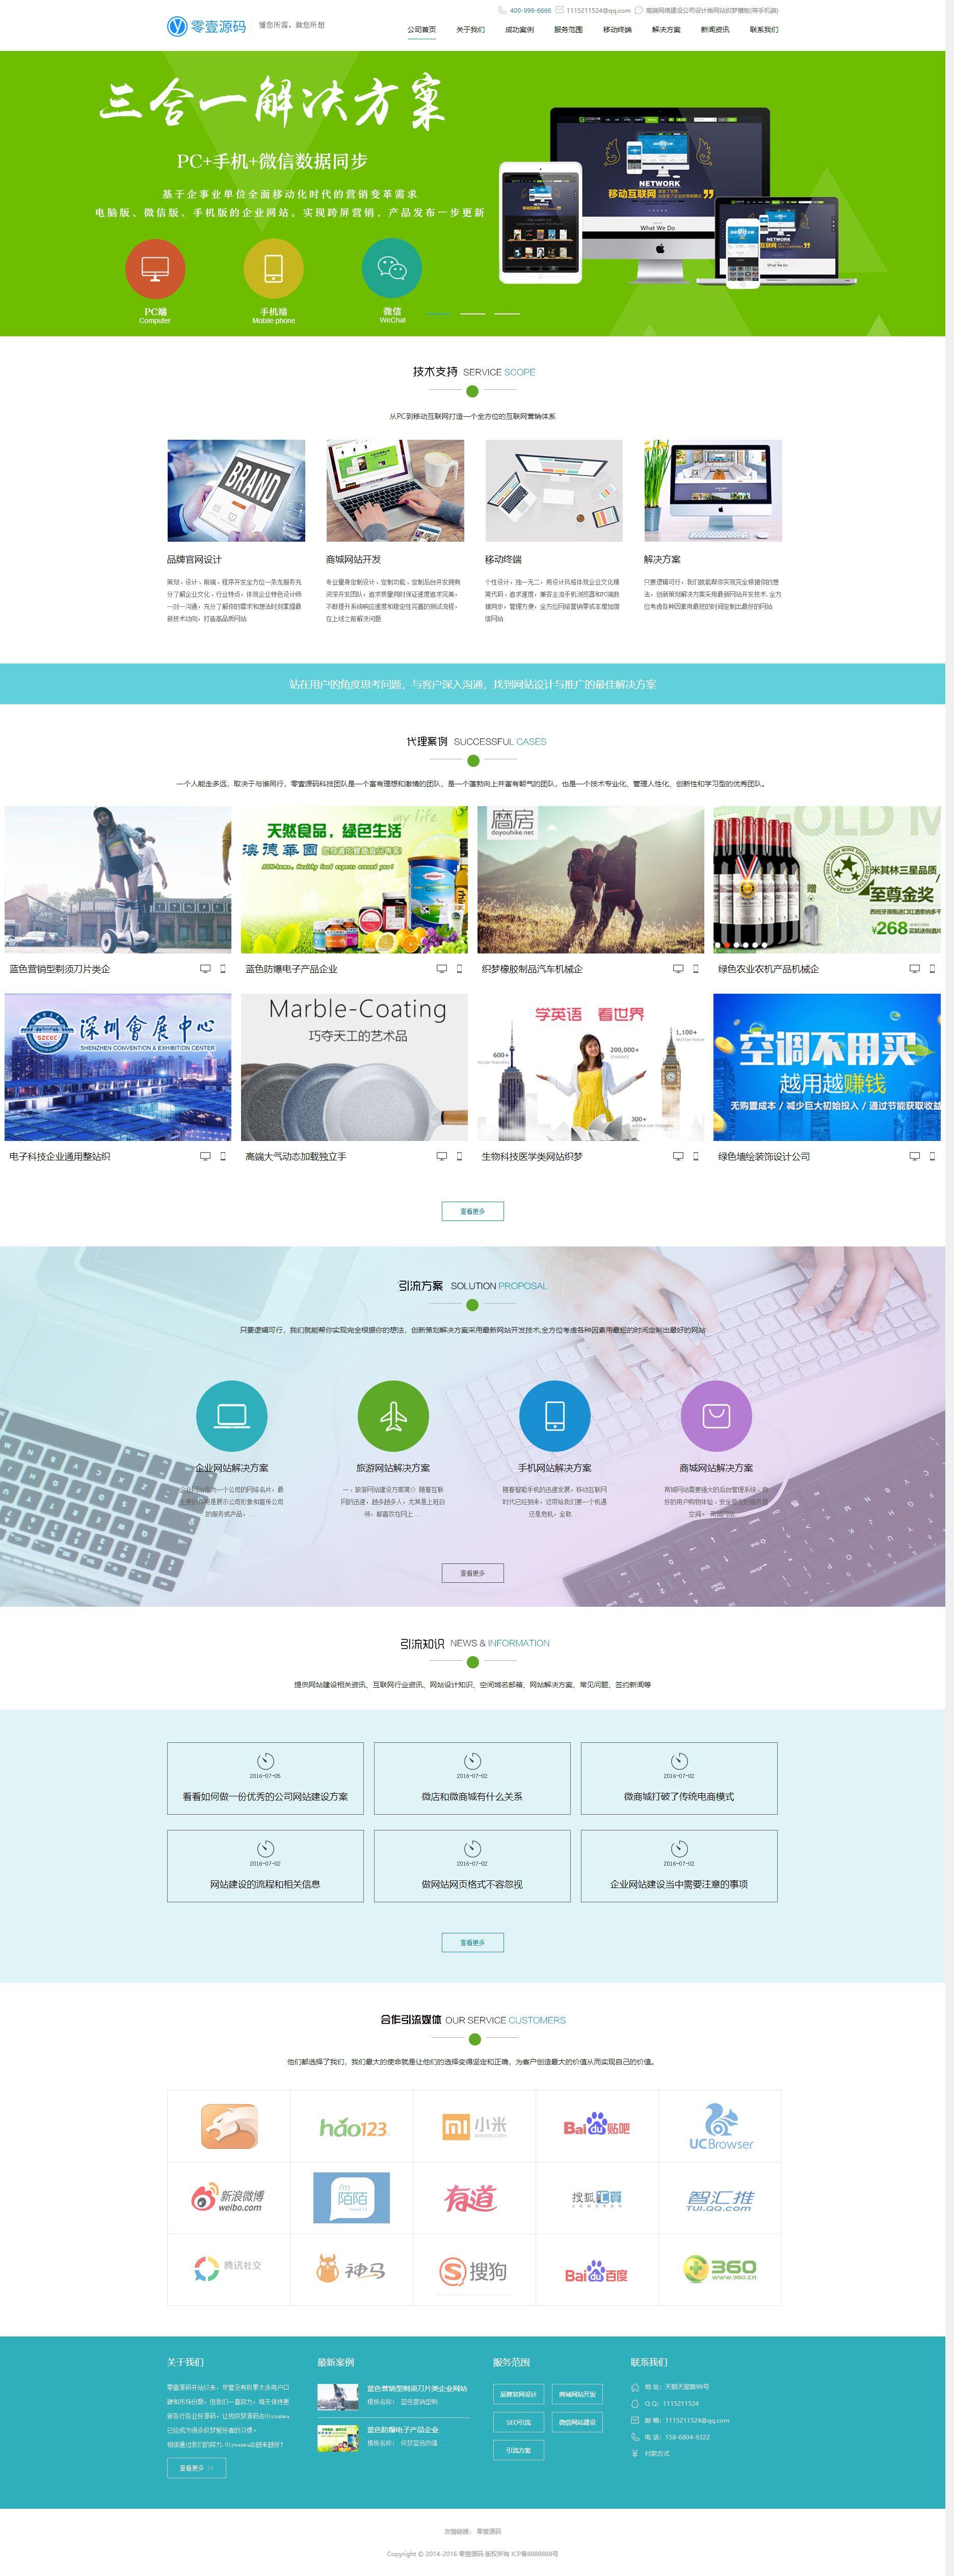 高端网络建设公司设计类网站织梦dedecms模板(带手机端)